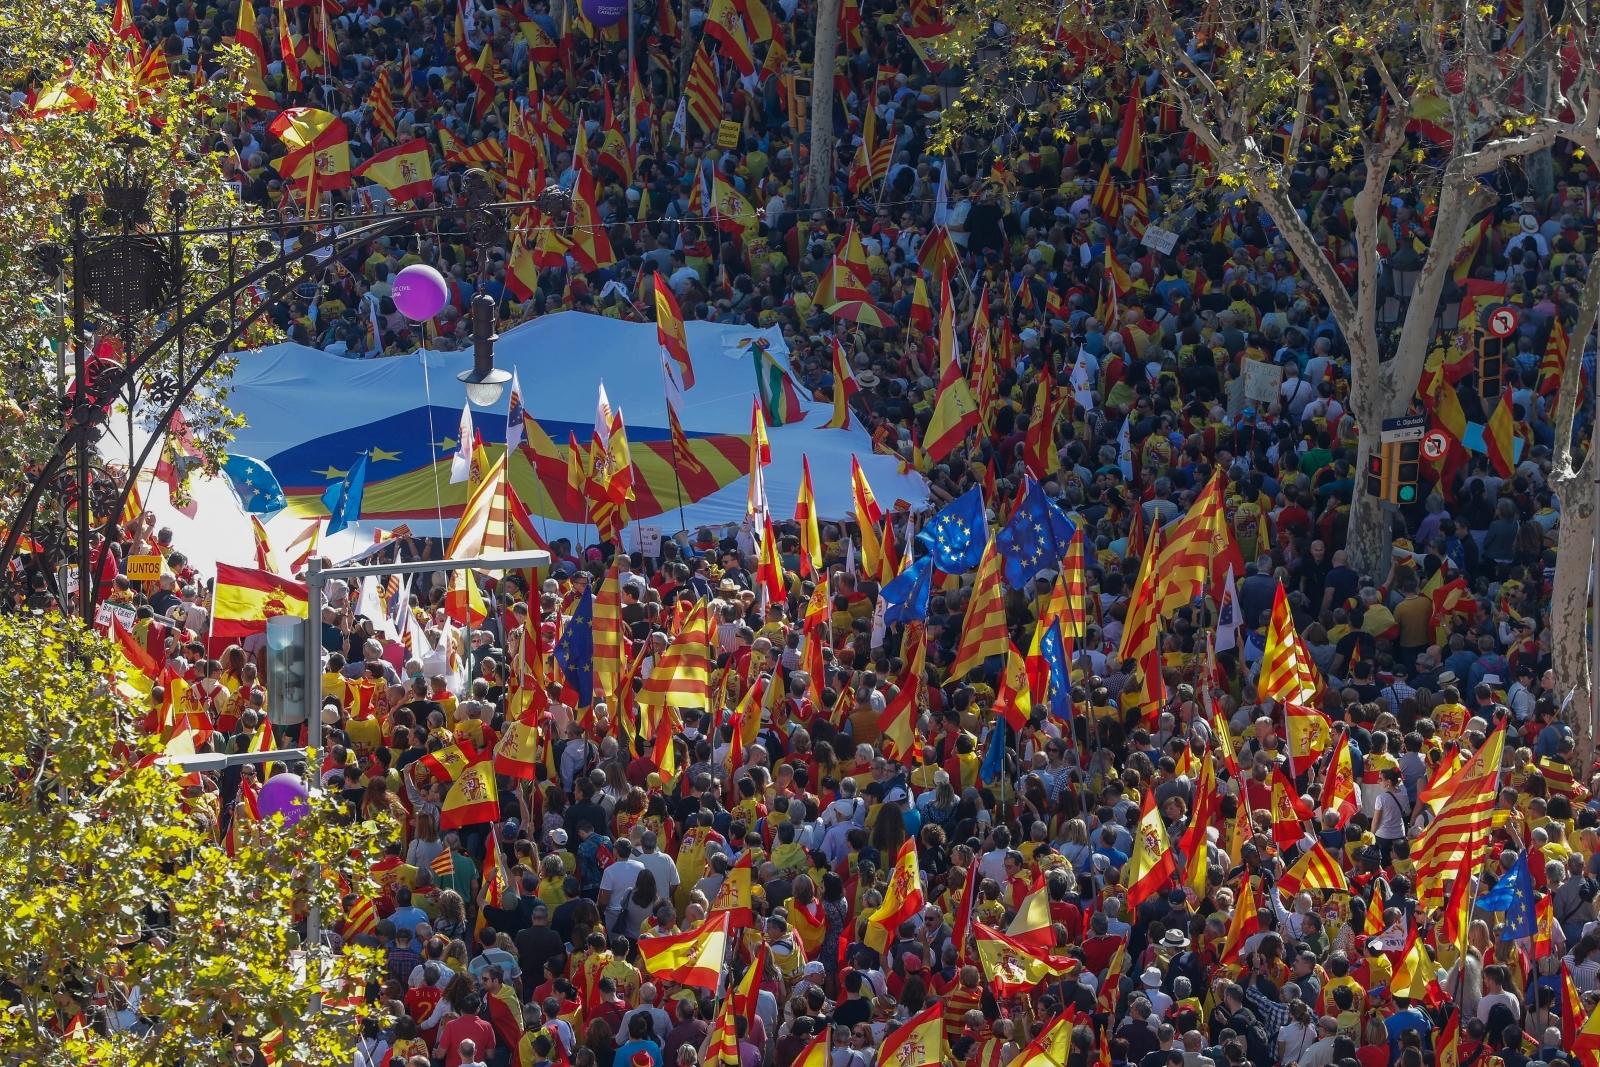 barca protests catalan 1